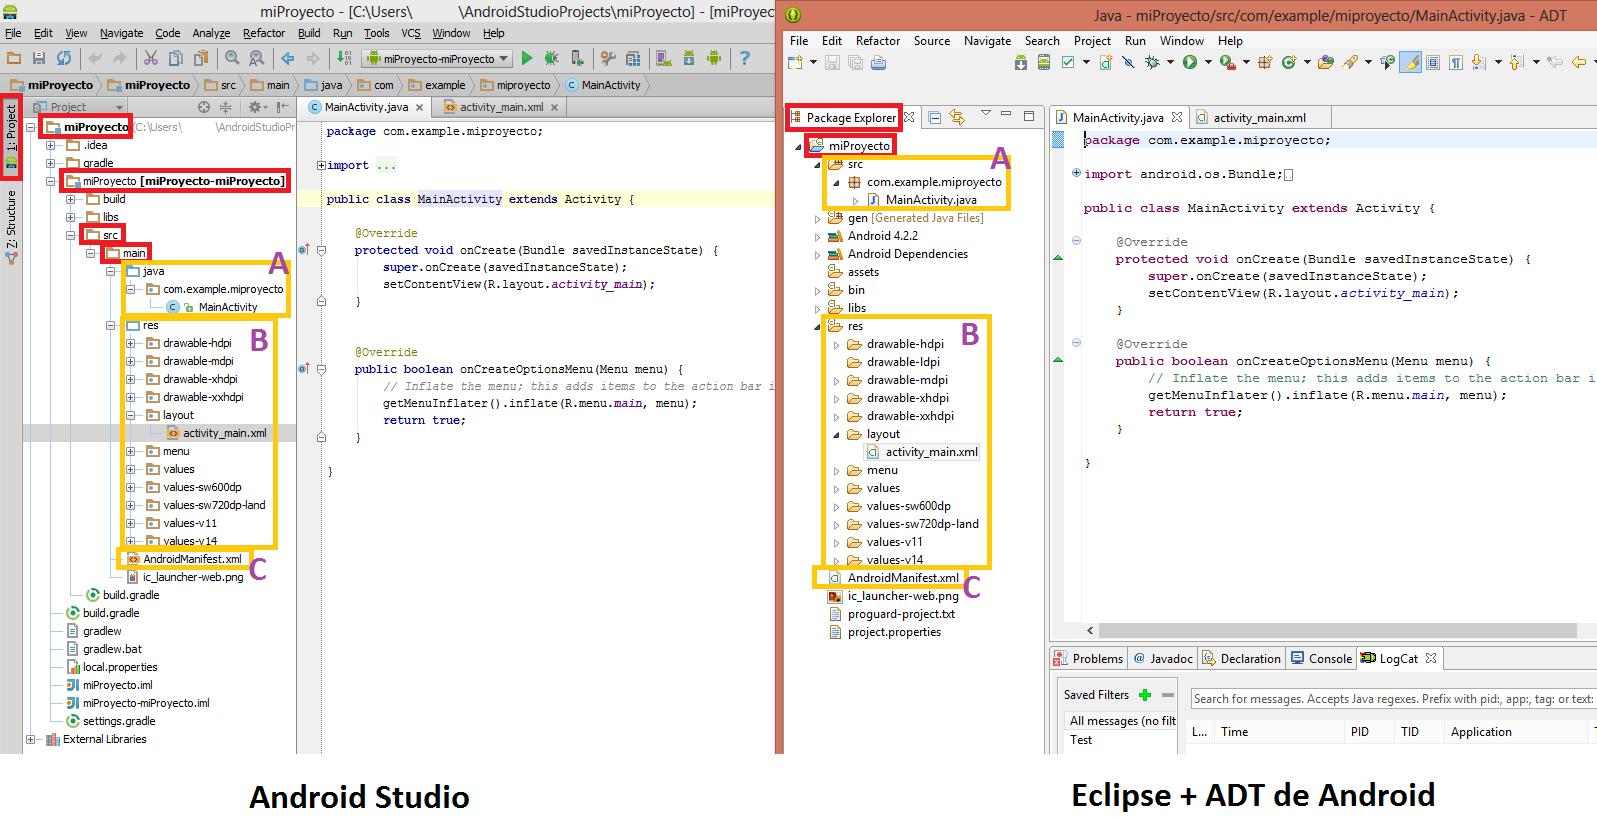 Comparacion Android Studio vs Eclipse + ADT de Android - www.jarroba.com